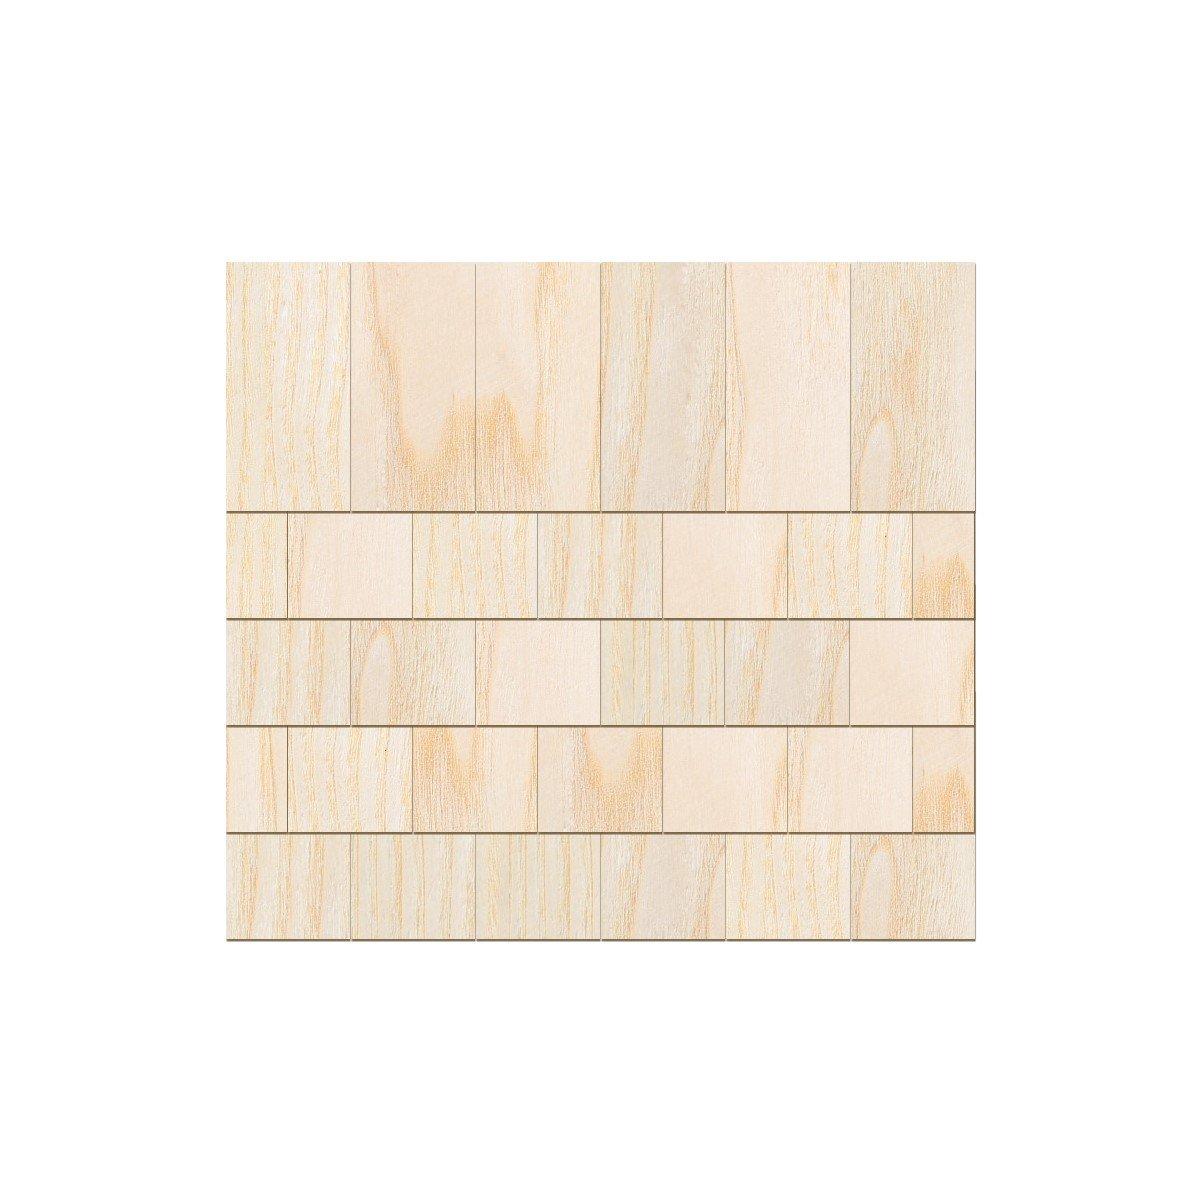 In vero legno impiallacciato luminoso rettangolo chindeln–dimensioni e quantità di selezione, 100 pezzi, 15mm x 7.5mm Bütic GmbH